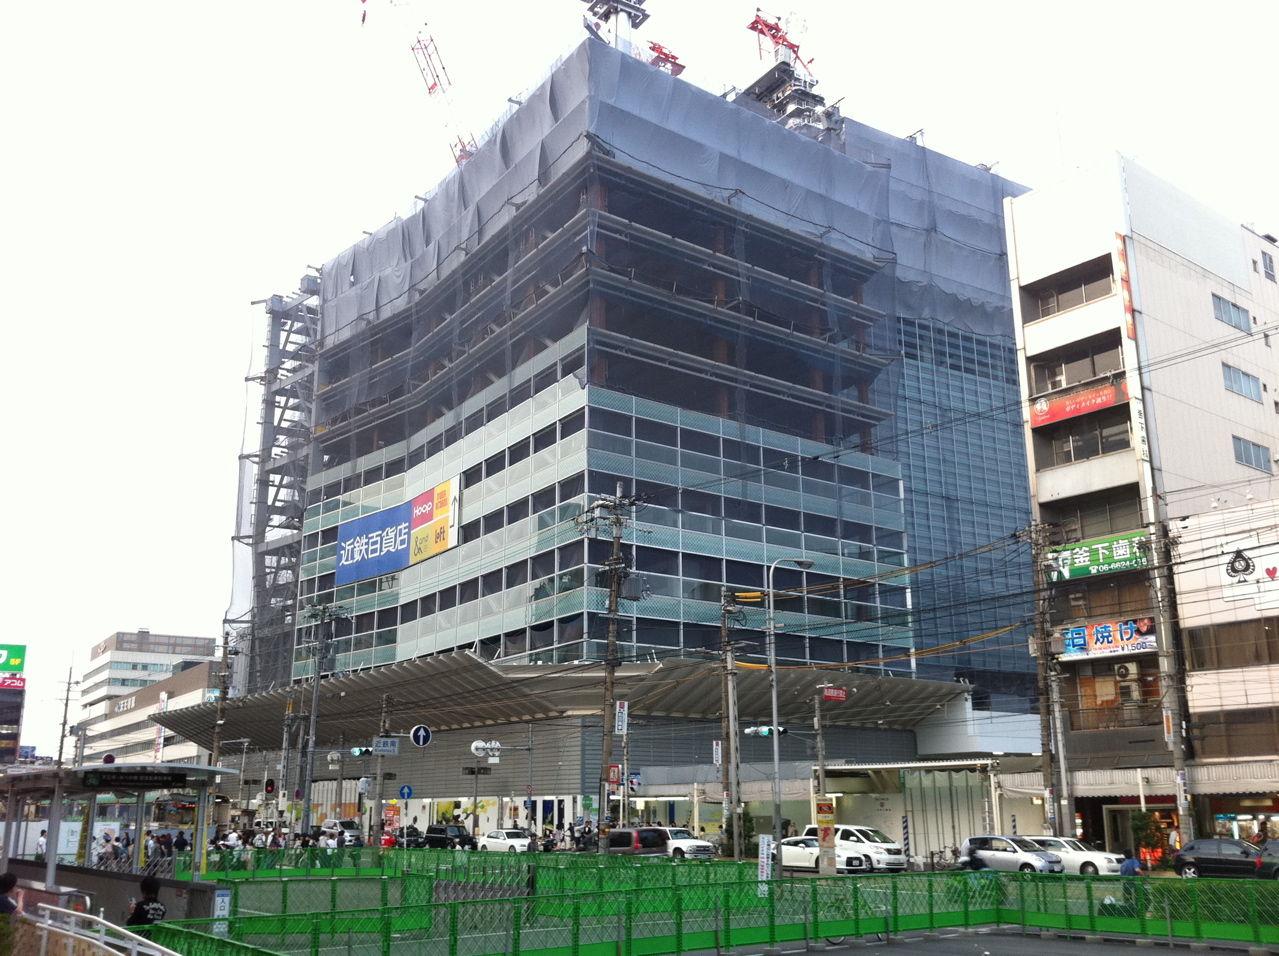 20110605阿倍野近鉄建設工事進捗状況